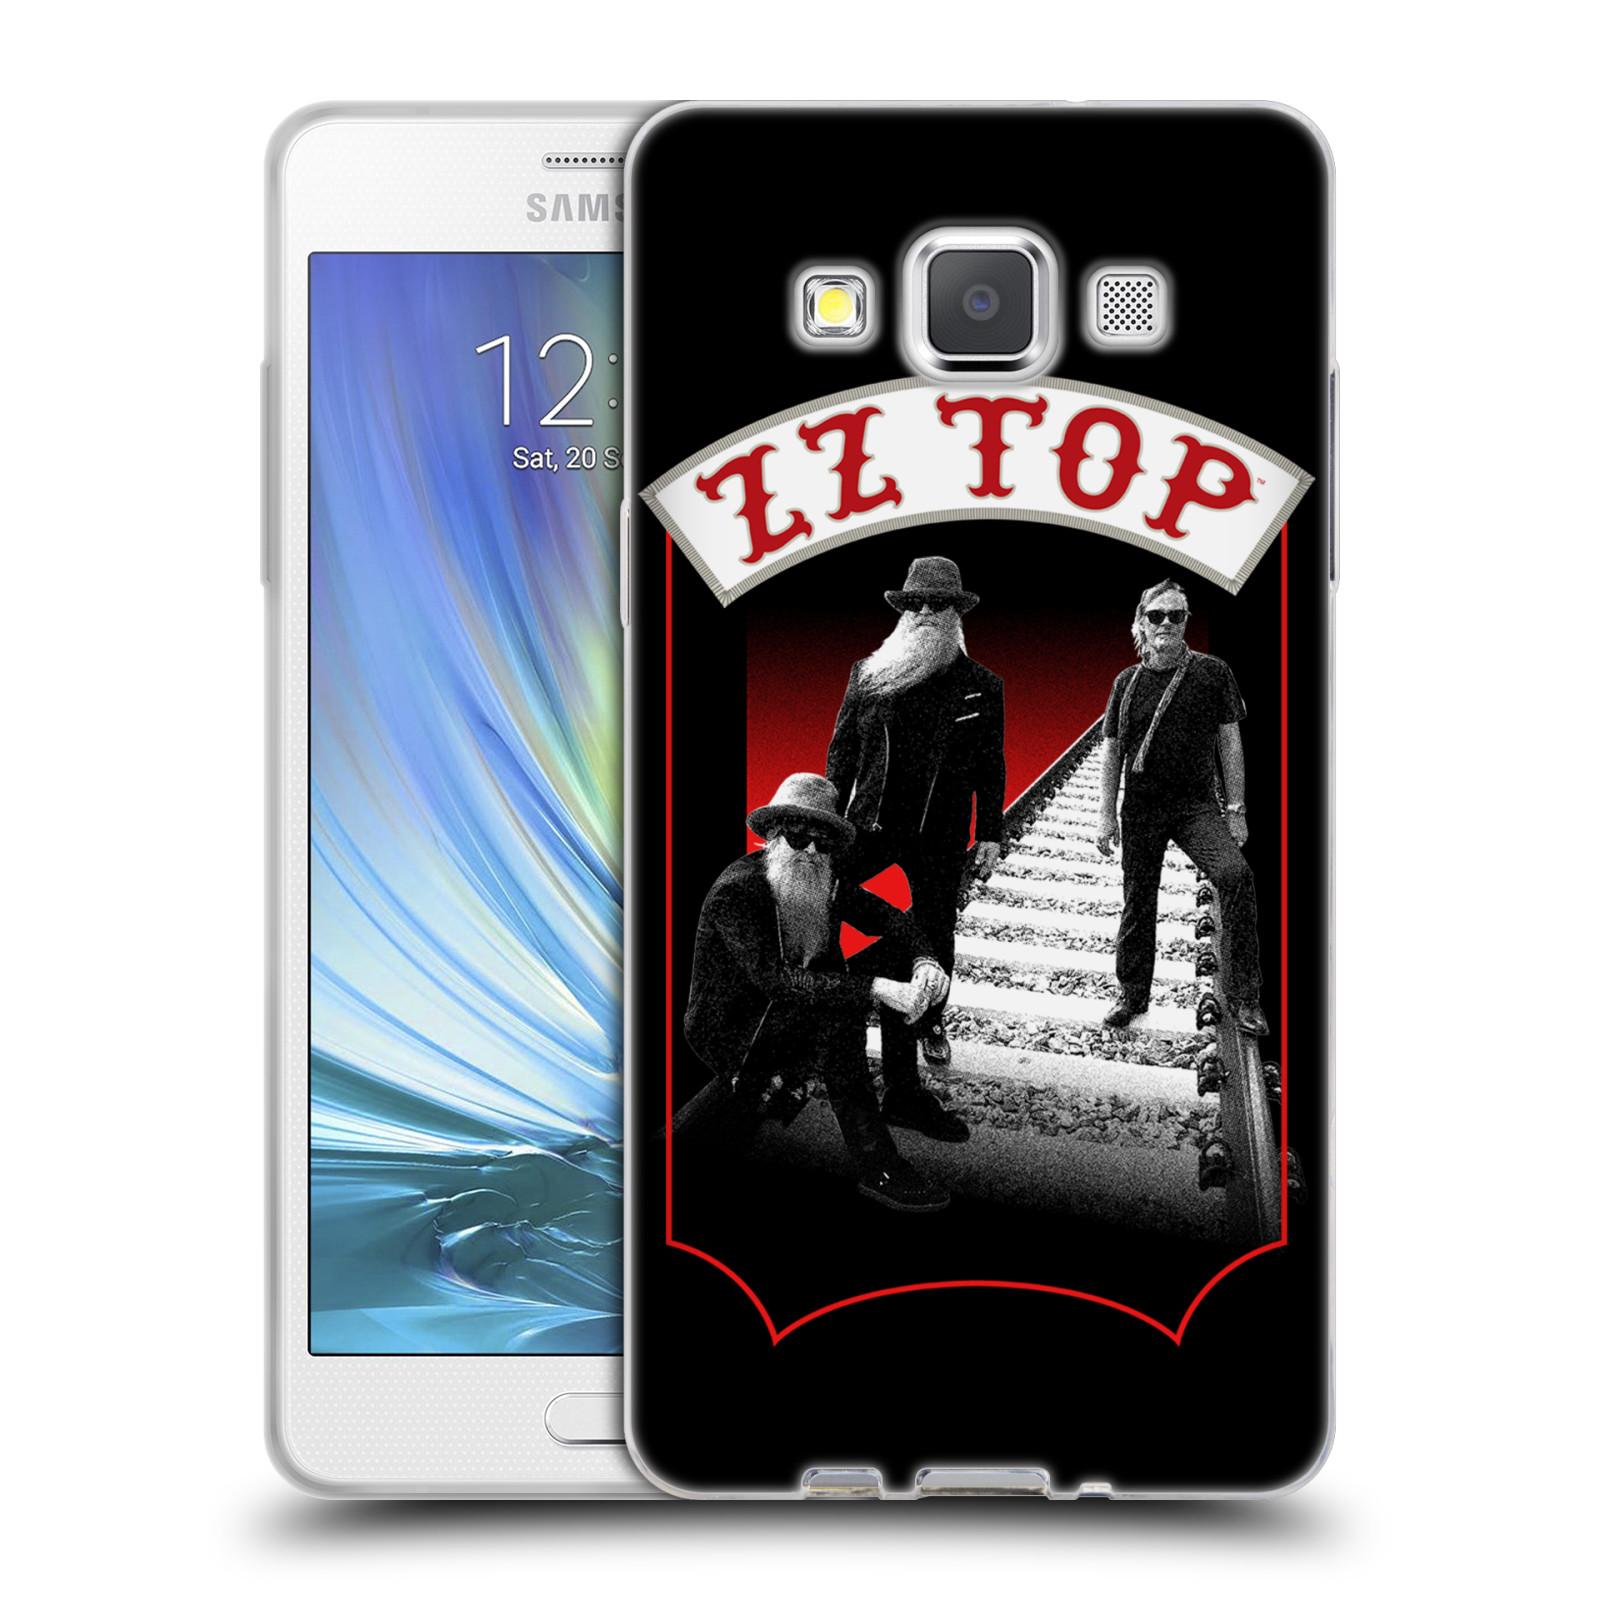 HEAD CASE silikonový obal na mobil Samsung Galaxy A5 (A500) ZZ Top koleje zpěváci